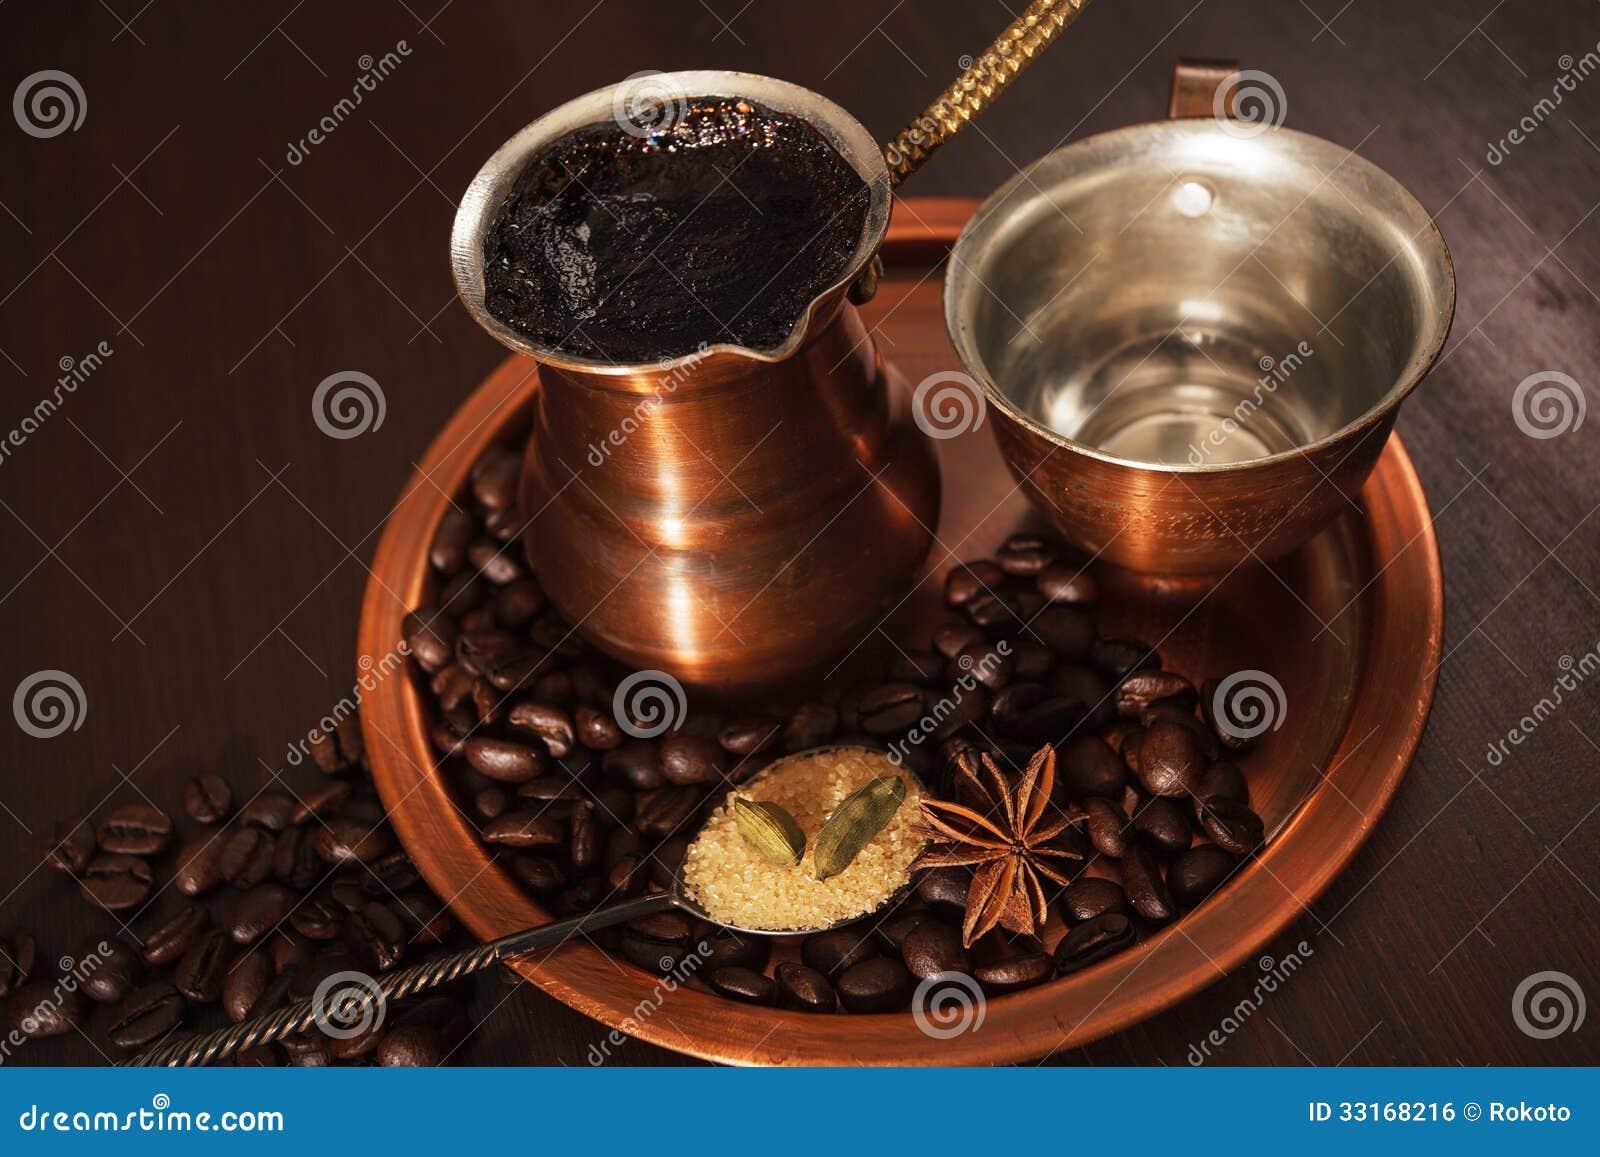 Faire Du Cafe Avec Des Grains